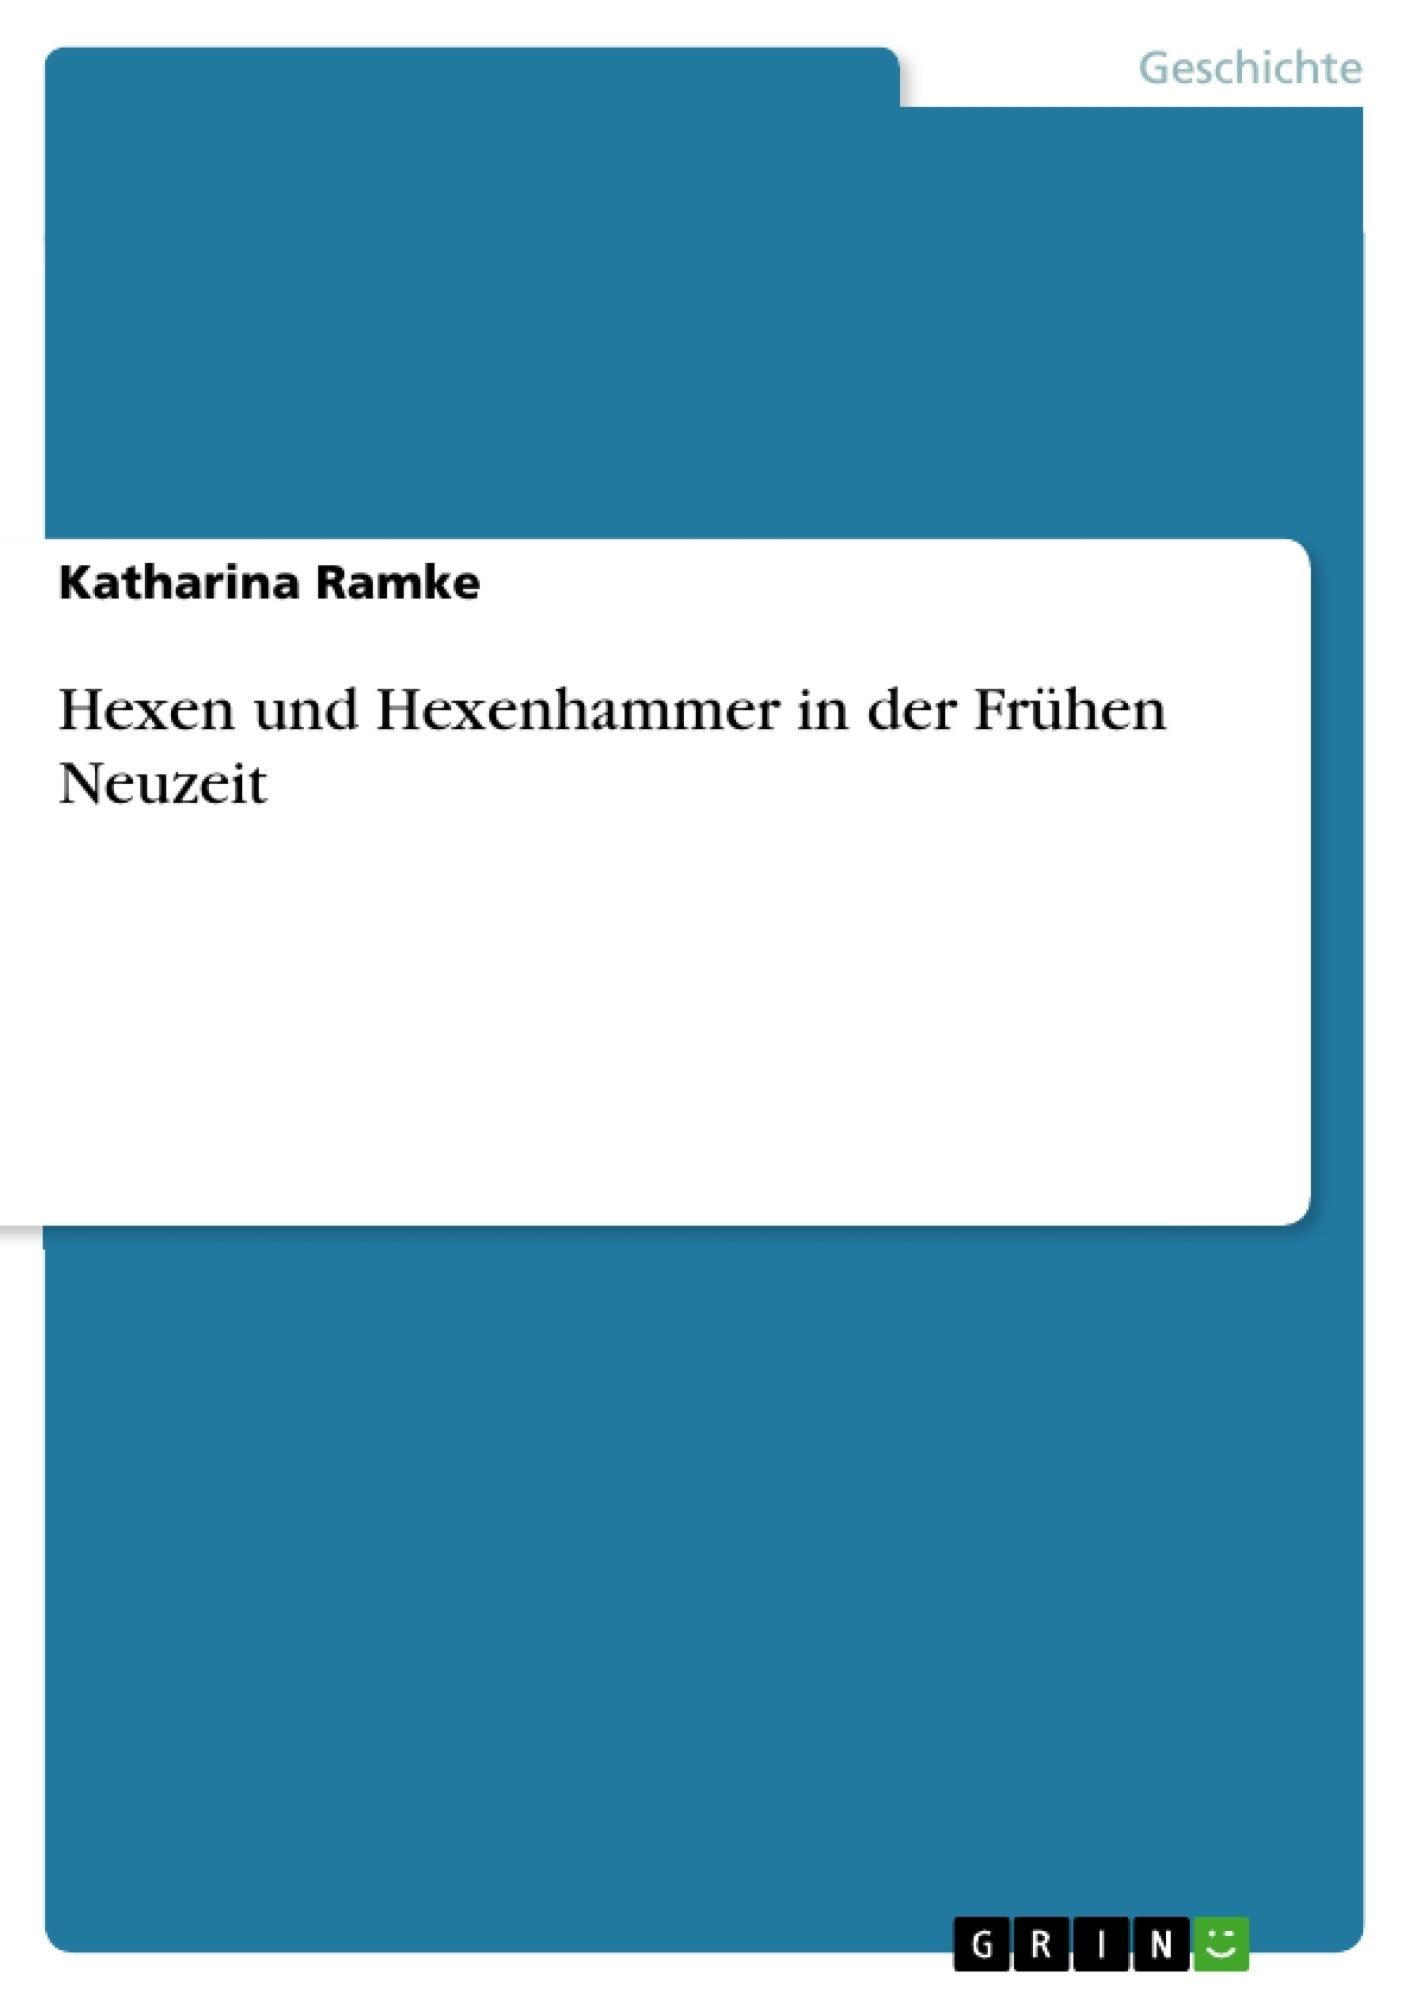 Titel: Hexen und Hexenhammer in der Frühen Neuzeit